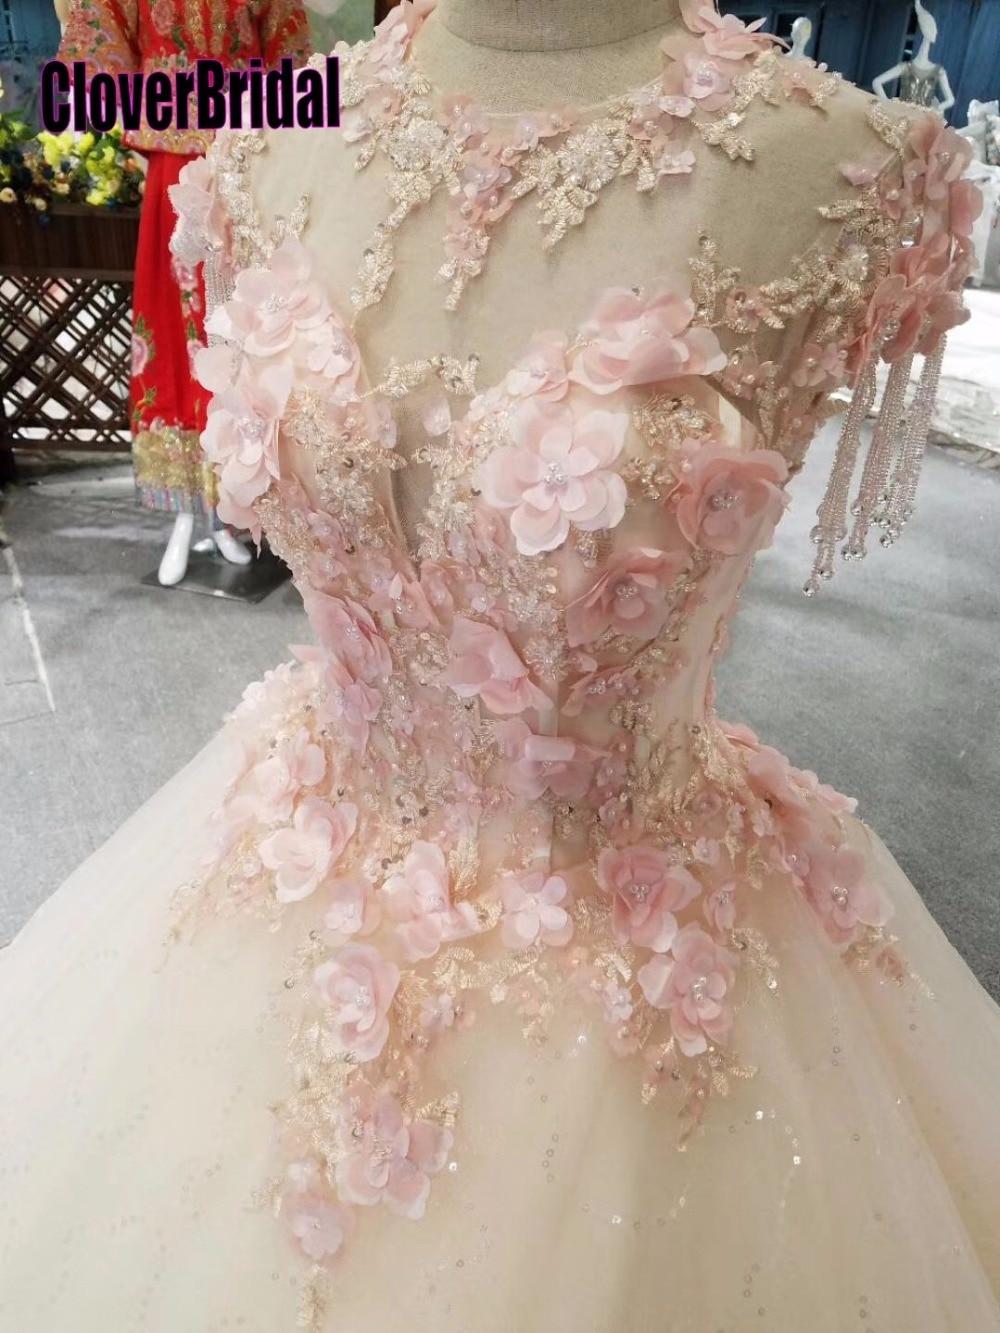 CloverBridal Best Seller List Alibaba Retail Store Bride Dress Princess Floor Length Pink Leaves Crystal Tassels Shoulders